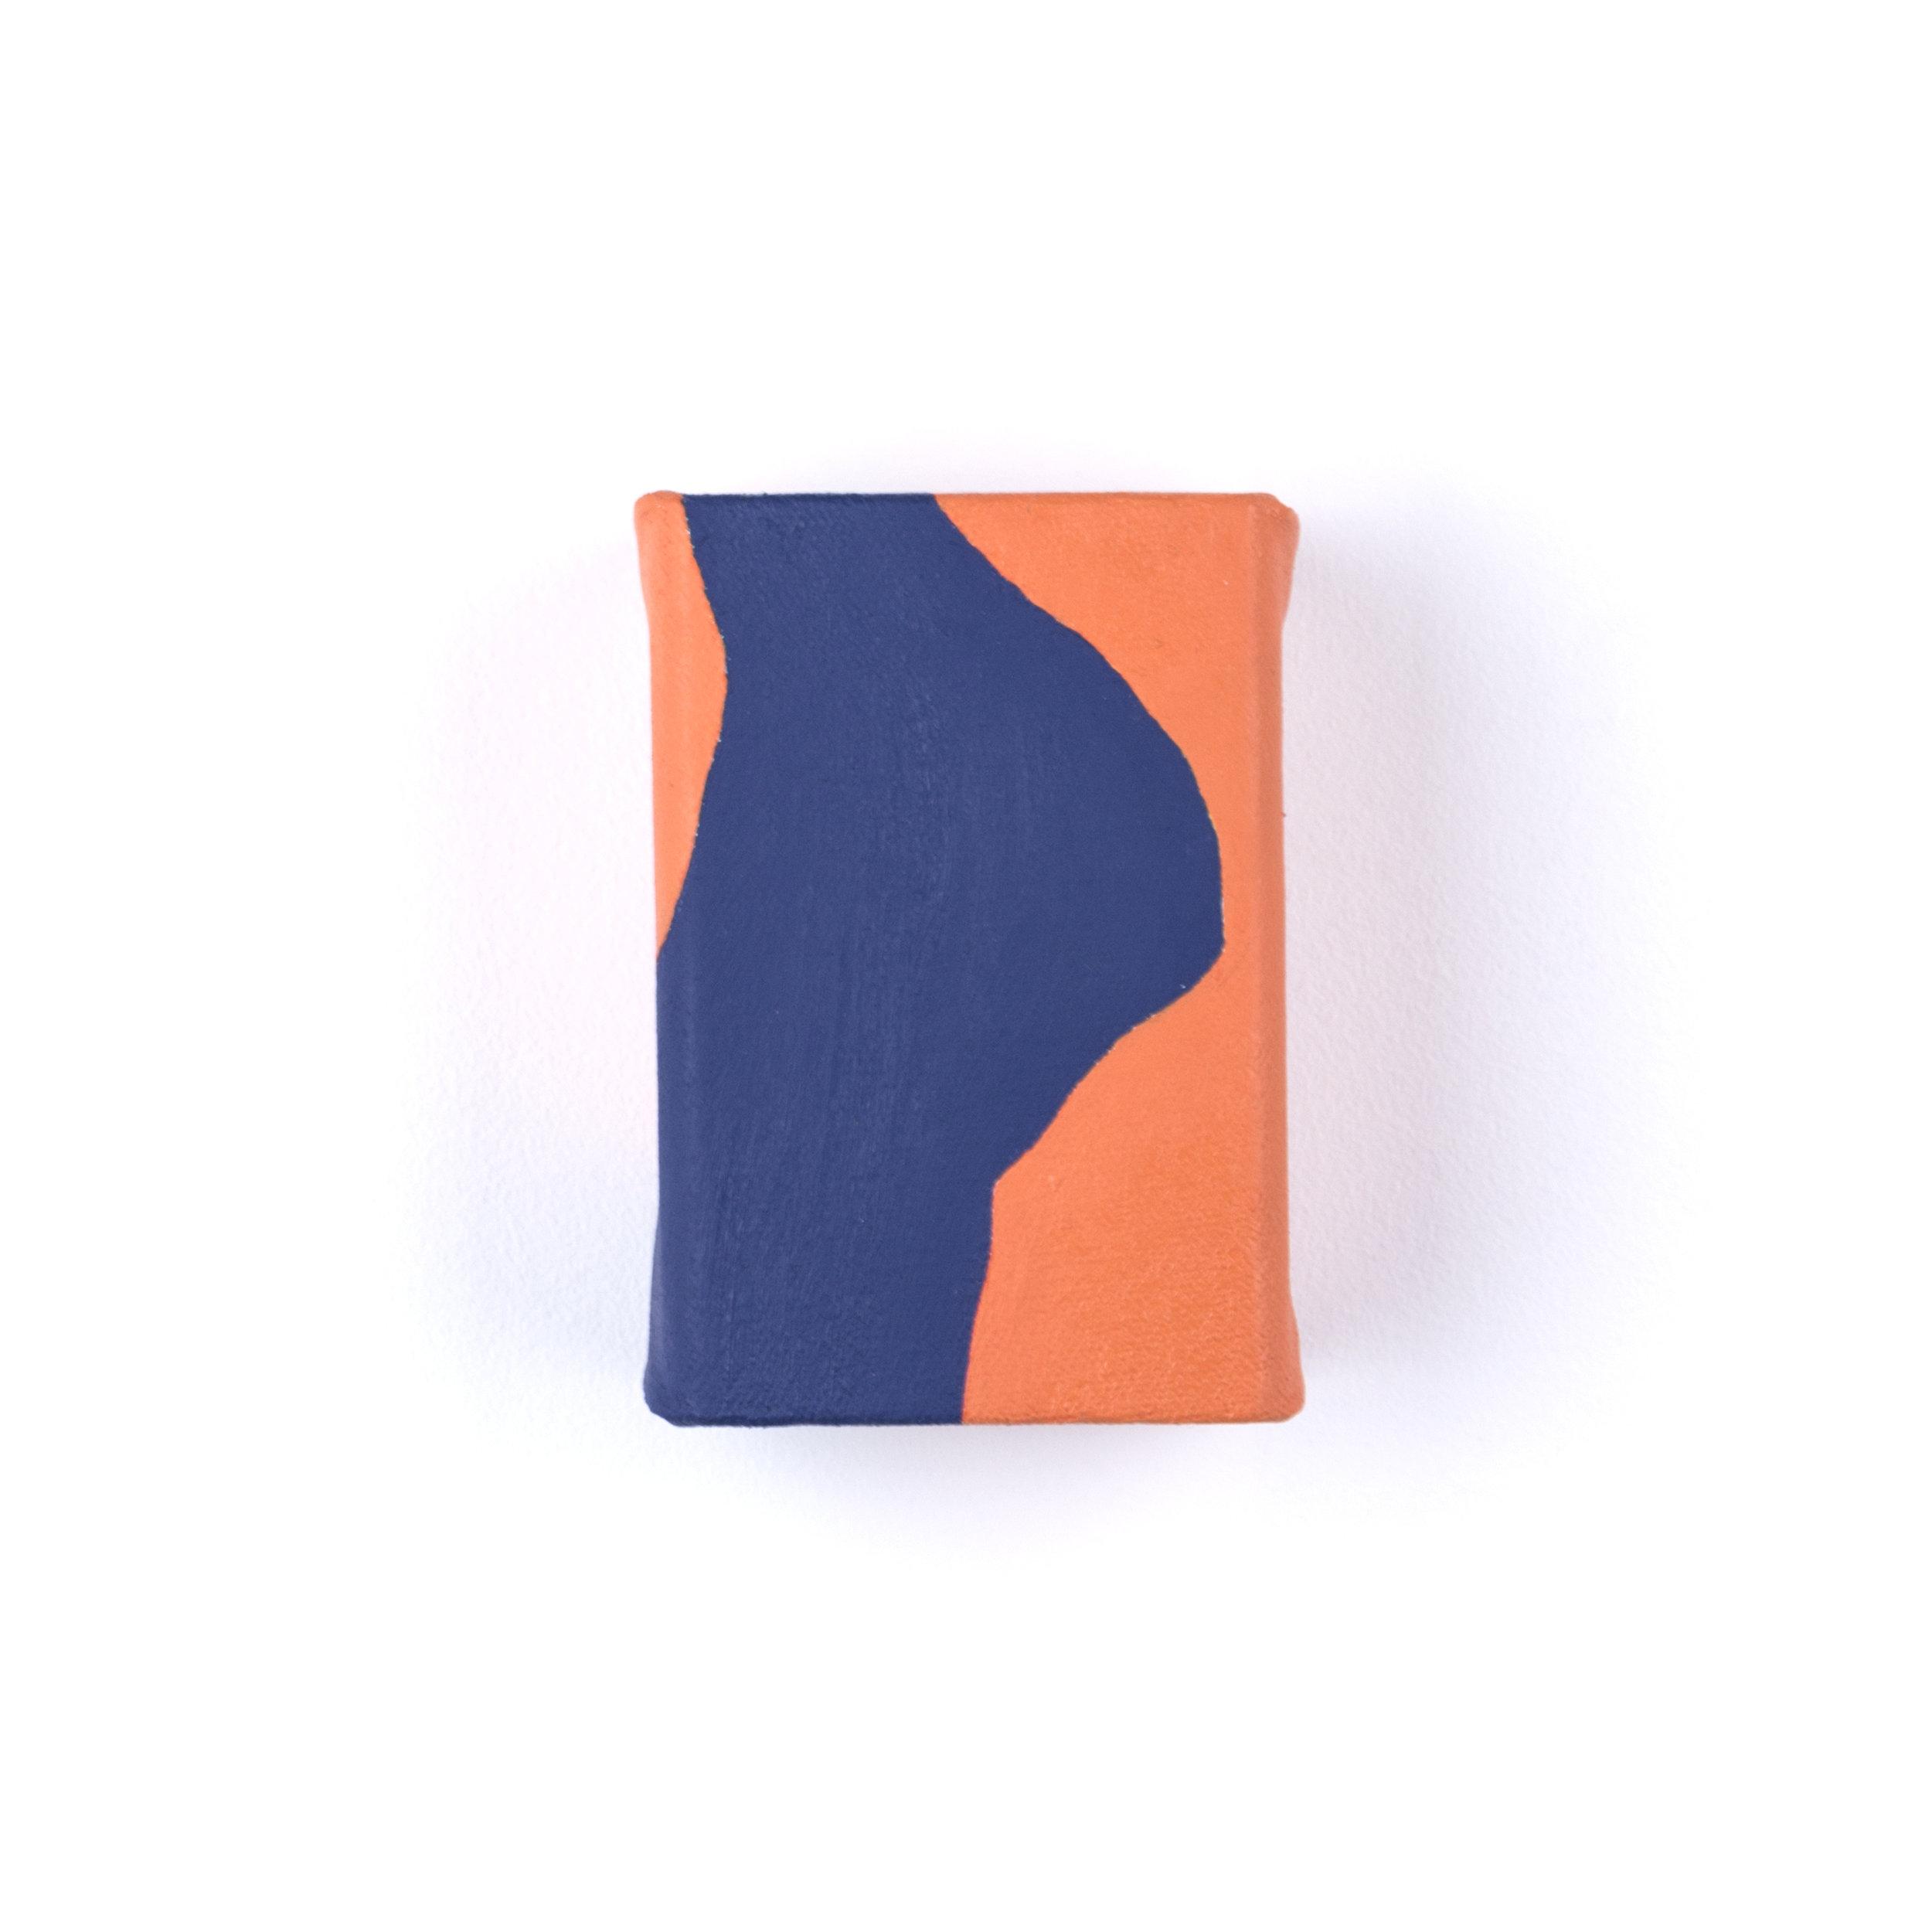 Untitled (Orange and Blue Study)